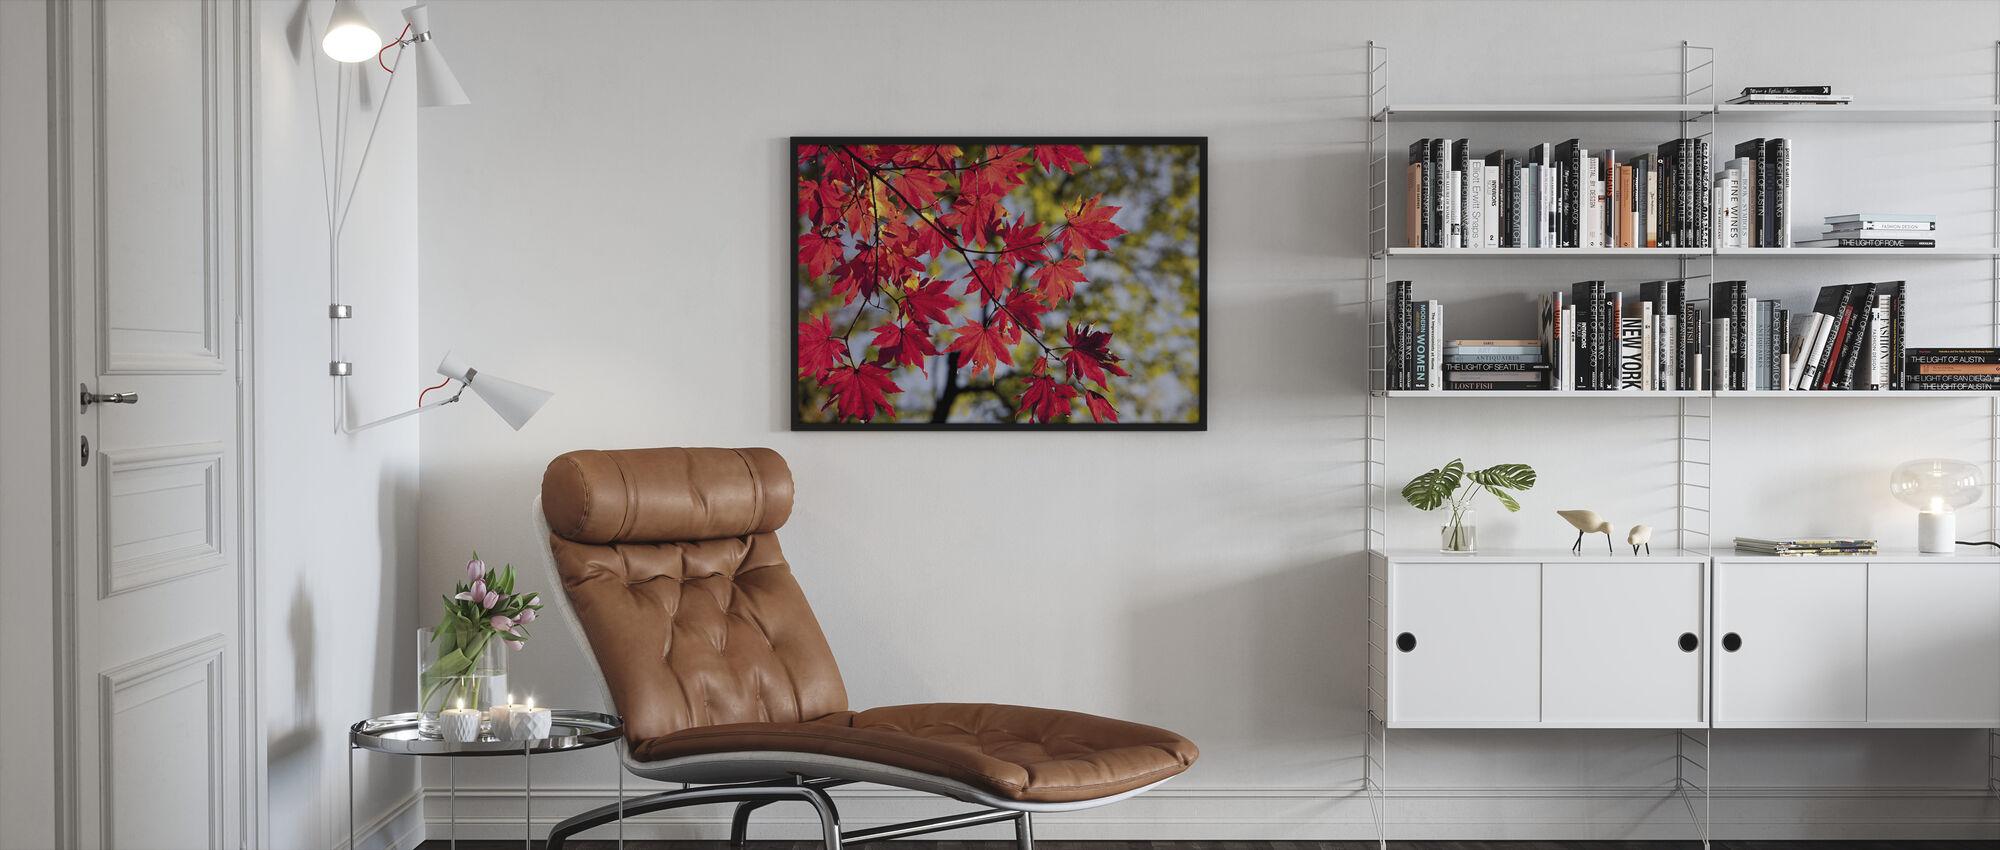 Autumn Maple Leaves - Framed print - Living Room